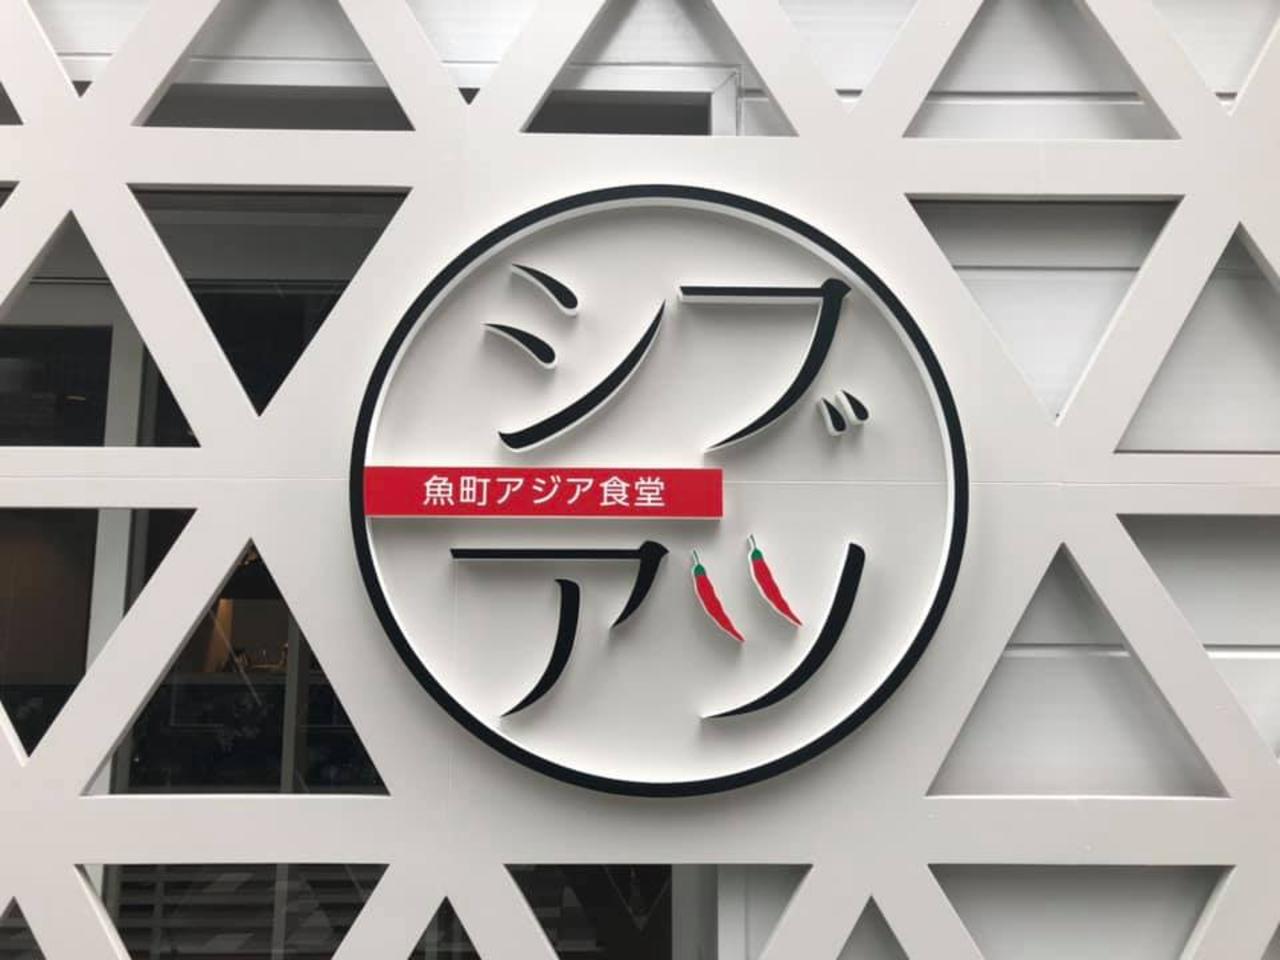 福岡県北九州市小倉北区魚町3丁目に「魚町アジア食堂シブアツ」が昨日オープンされたようです。